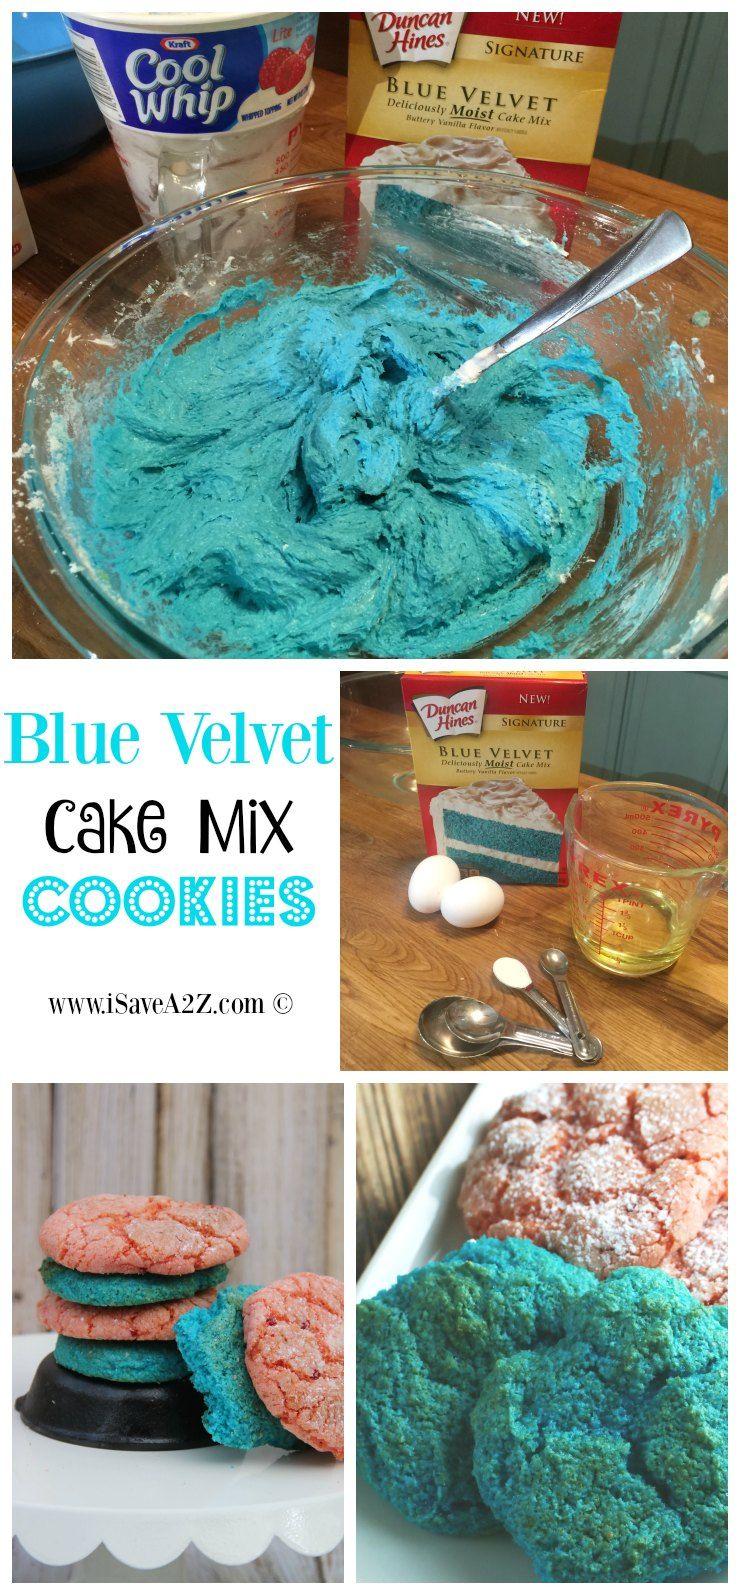 15+ Blue velvet cake mix where to buy ideas in 2021